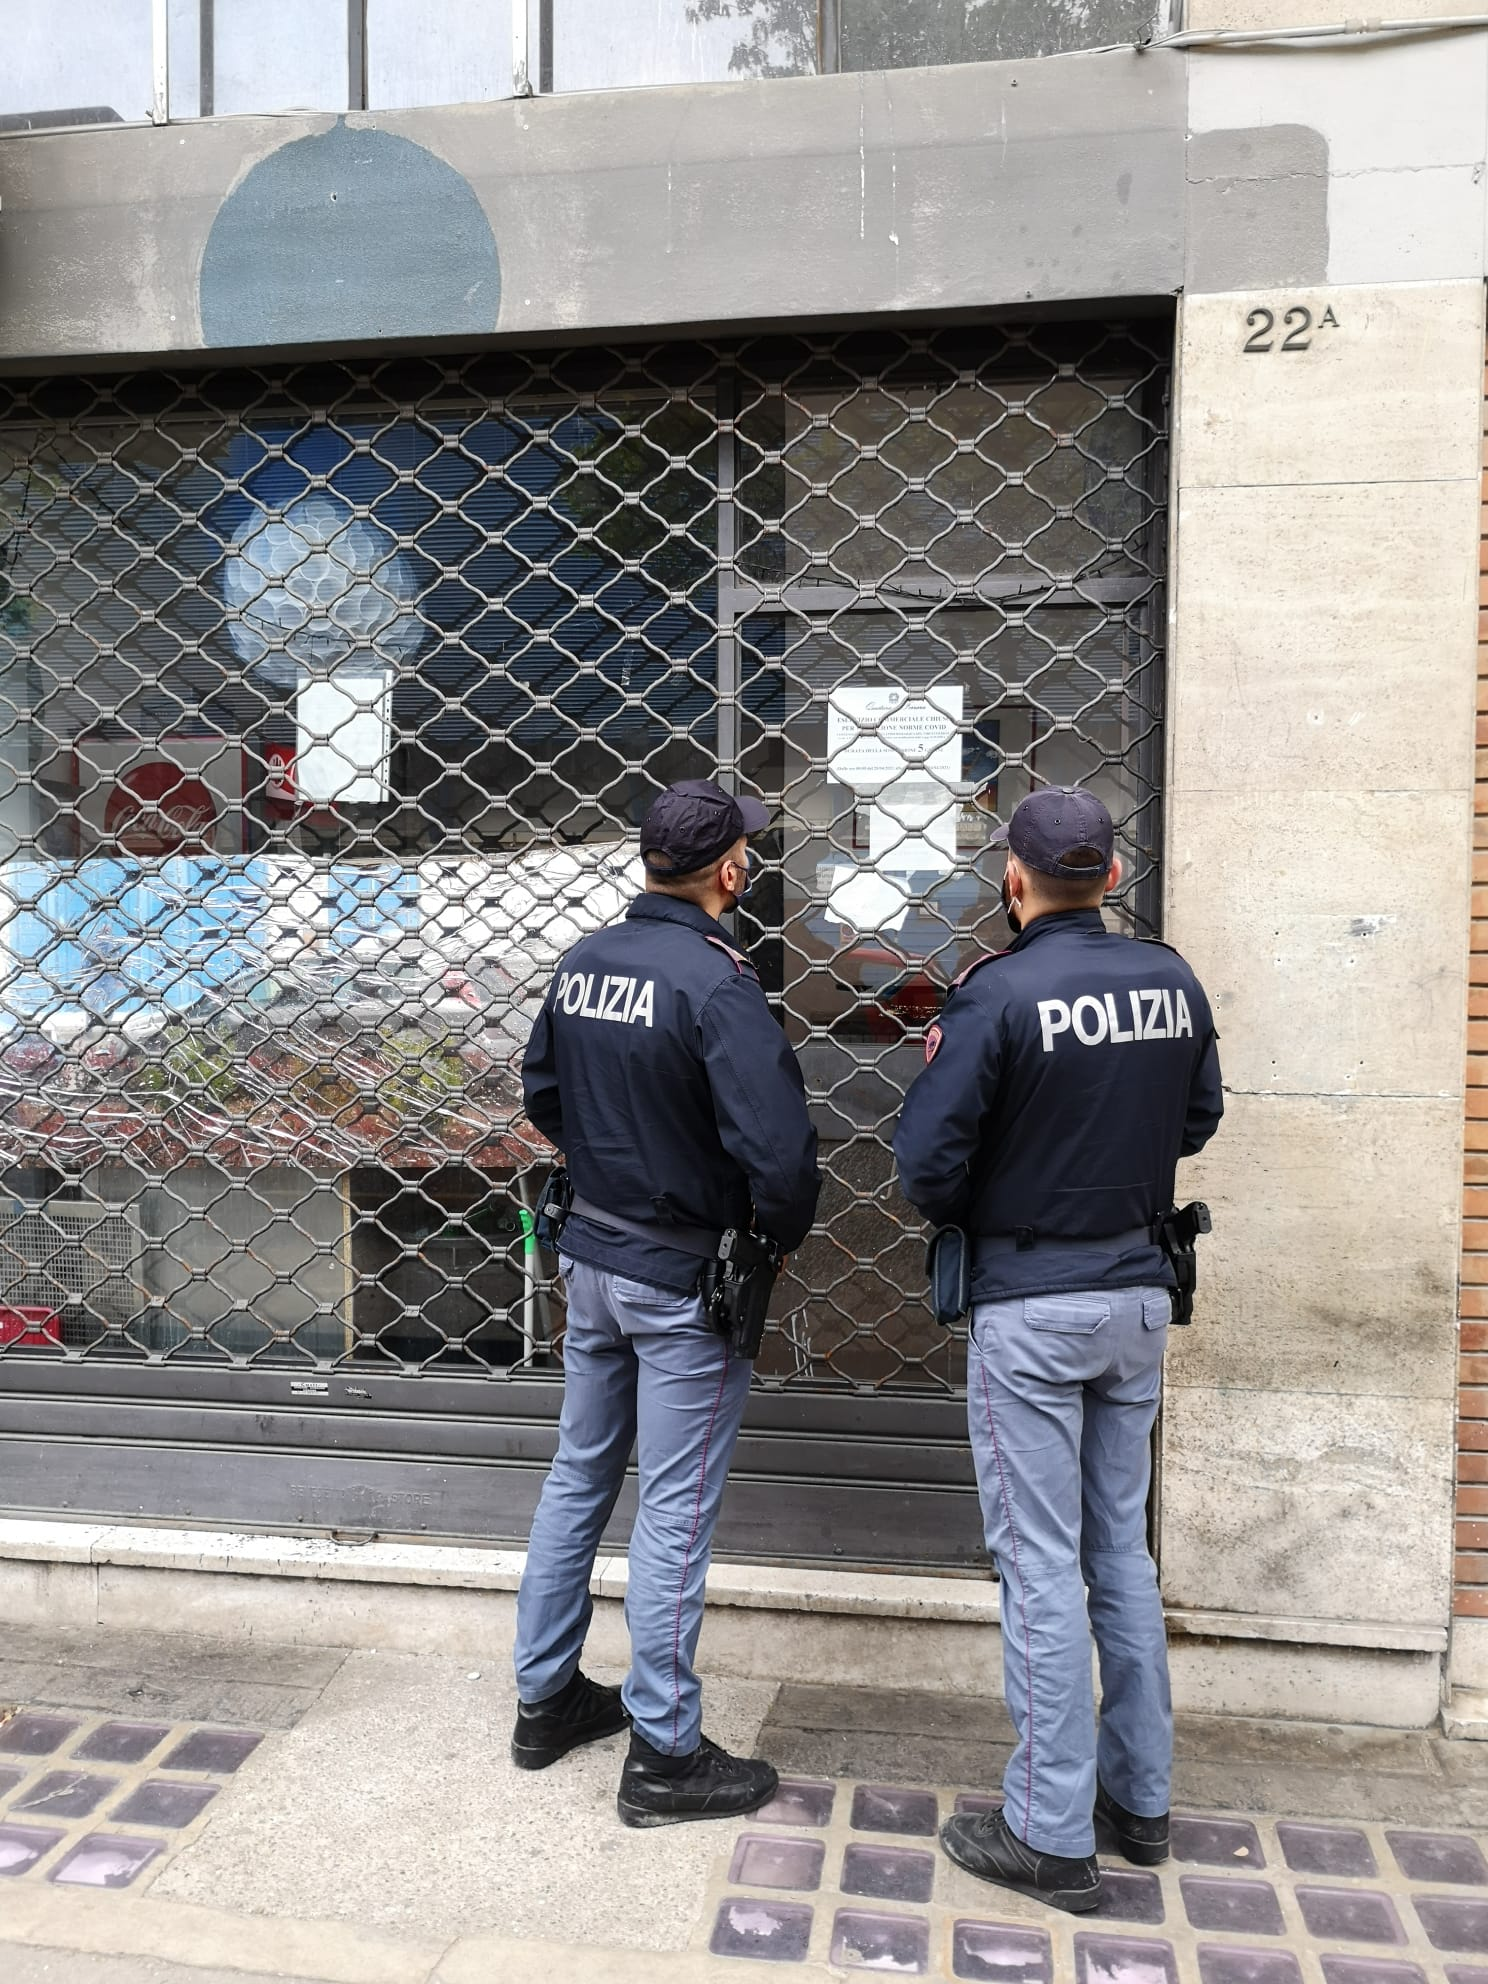 Polizia Di Stato Questure Sul Web Ferrara